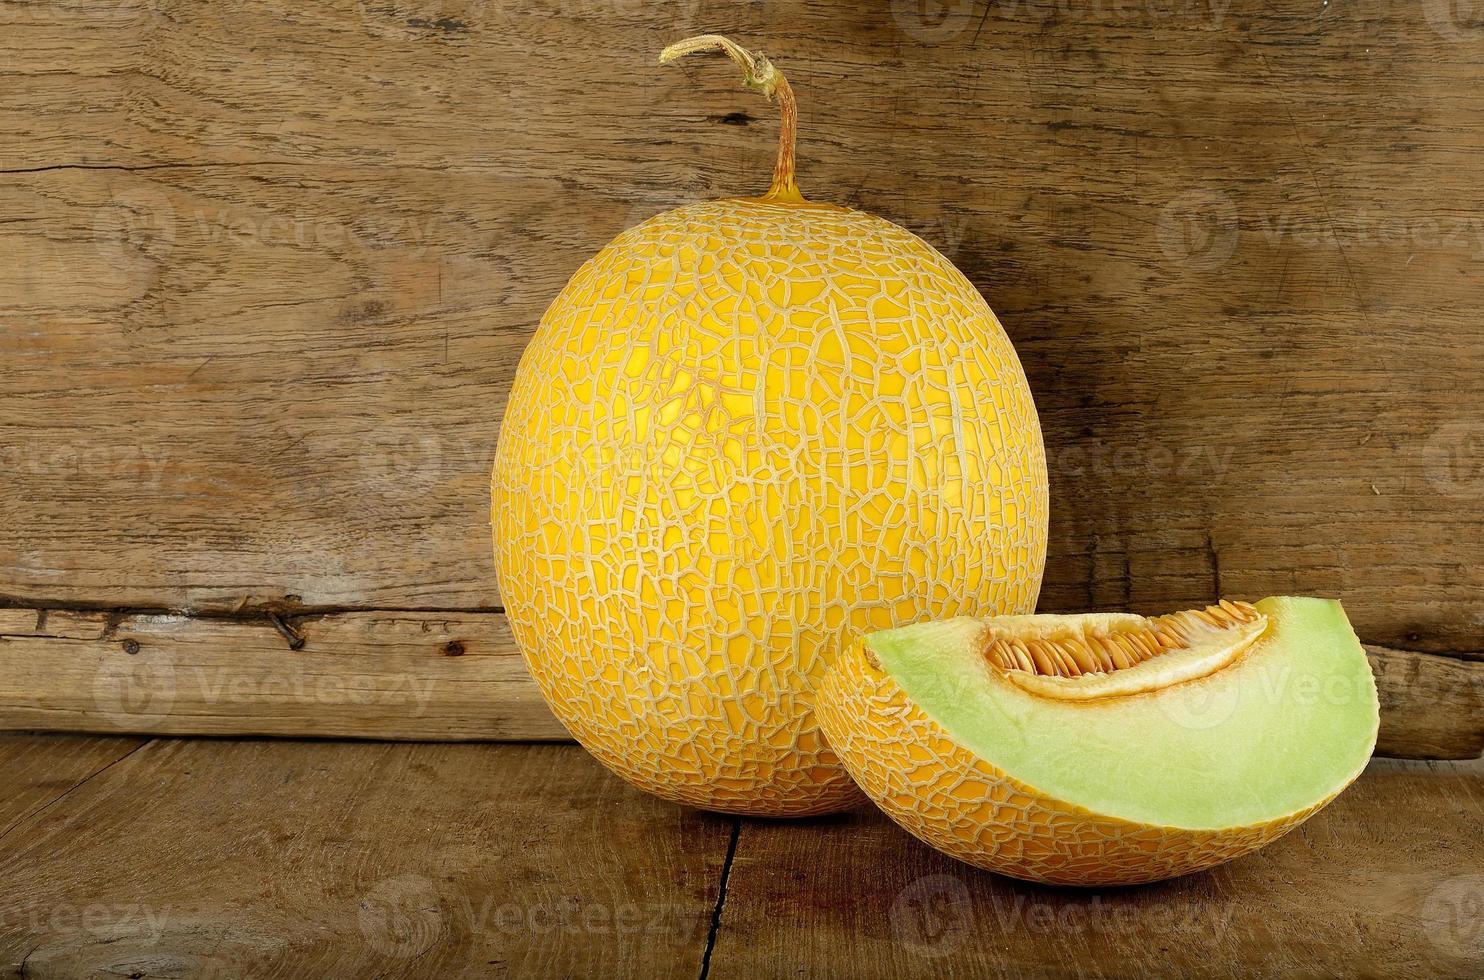 melão cantalupo amarelo sobre o fundo de madeira foto